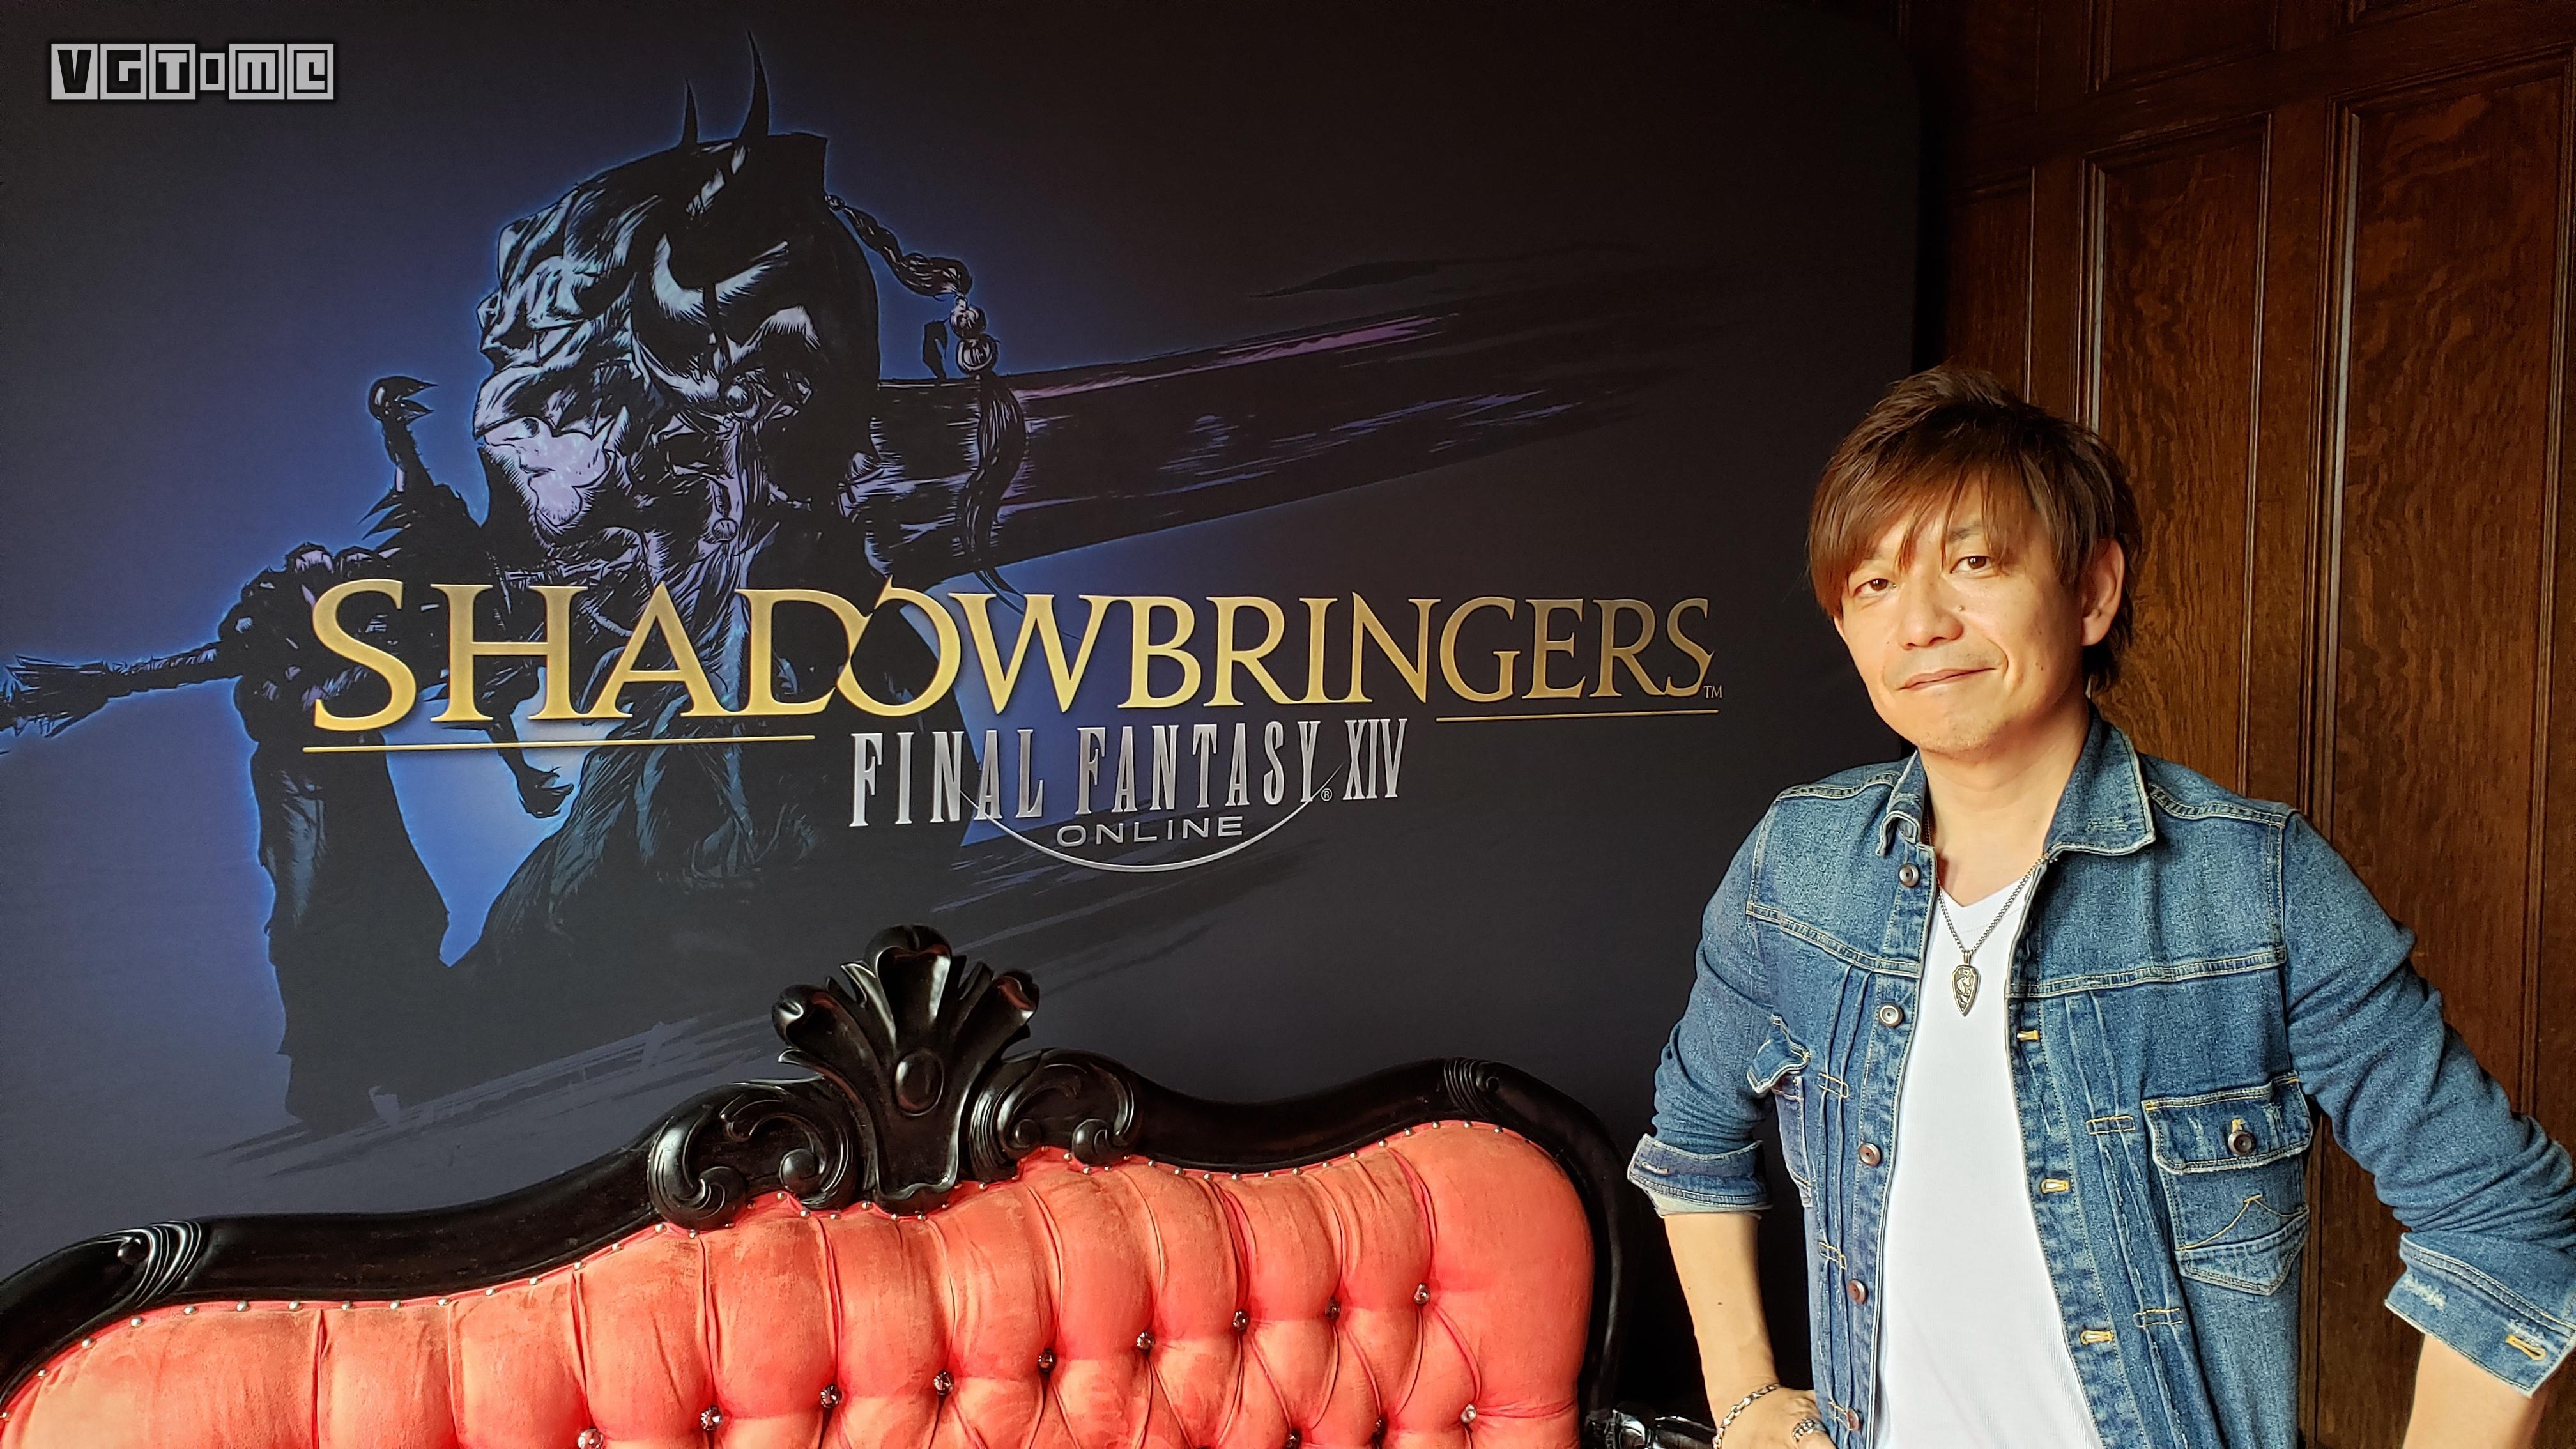 横尾太郎高度参与了《最终幻想14》资料片「漆黑的反叛者」的开发